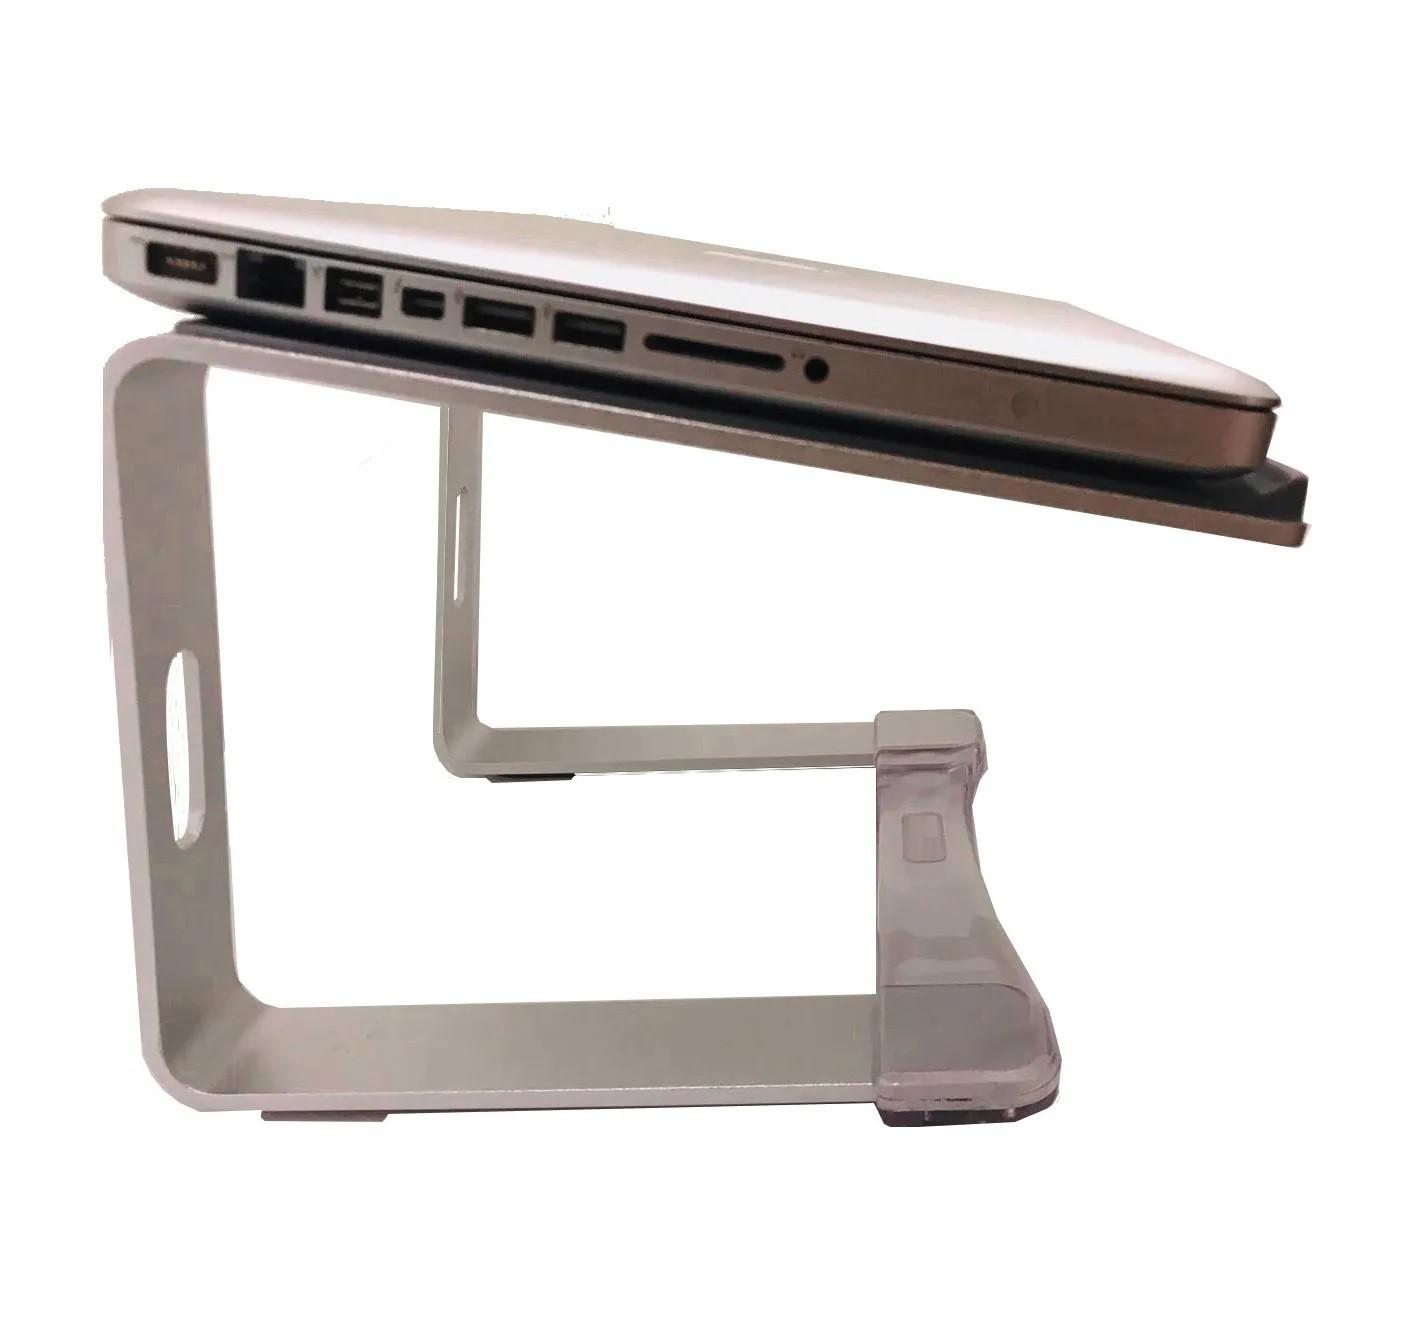 Suporte Prata Elevado Aluminio Alto Higher 175mm Djs Notebooks - S17 Prata